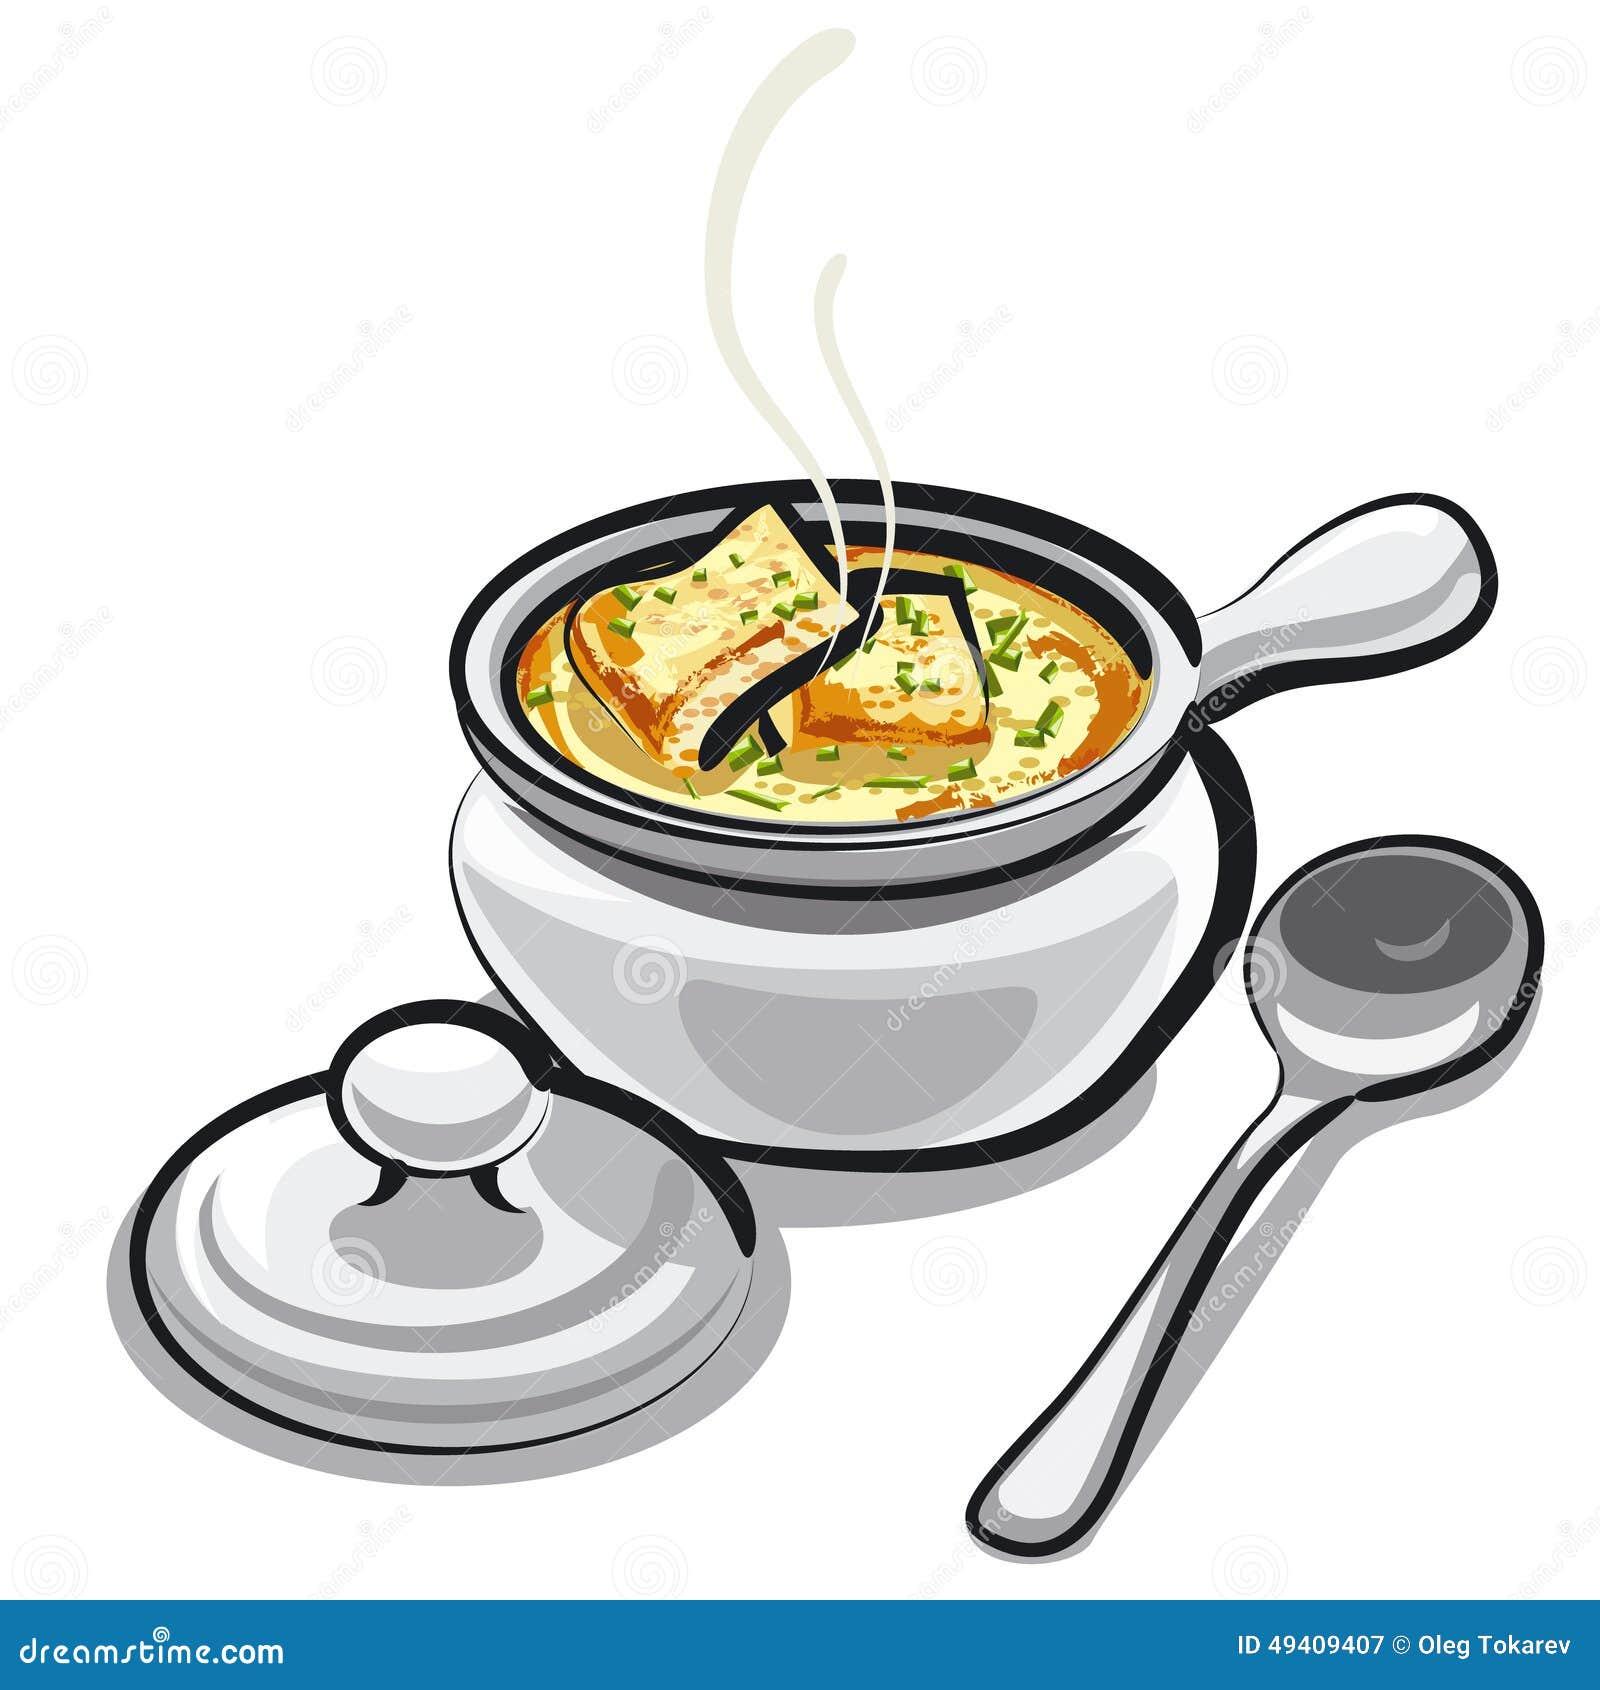 Download Zwiebelsuppe stock abbildung. Illustration von feinschmecker - 49409407